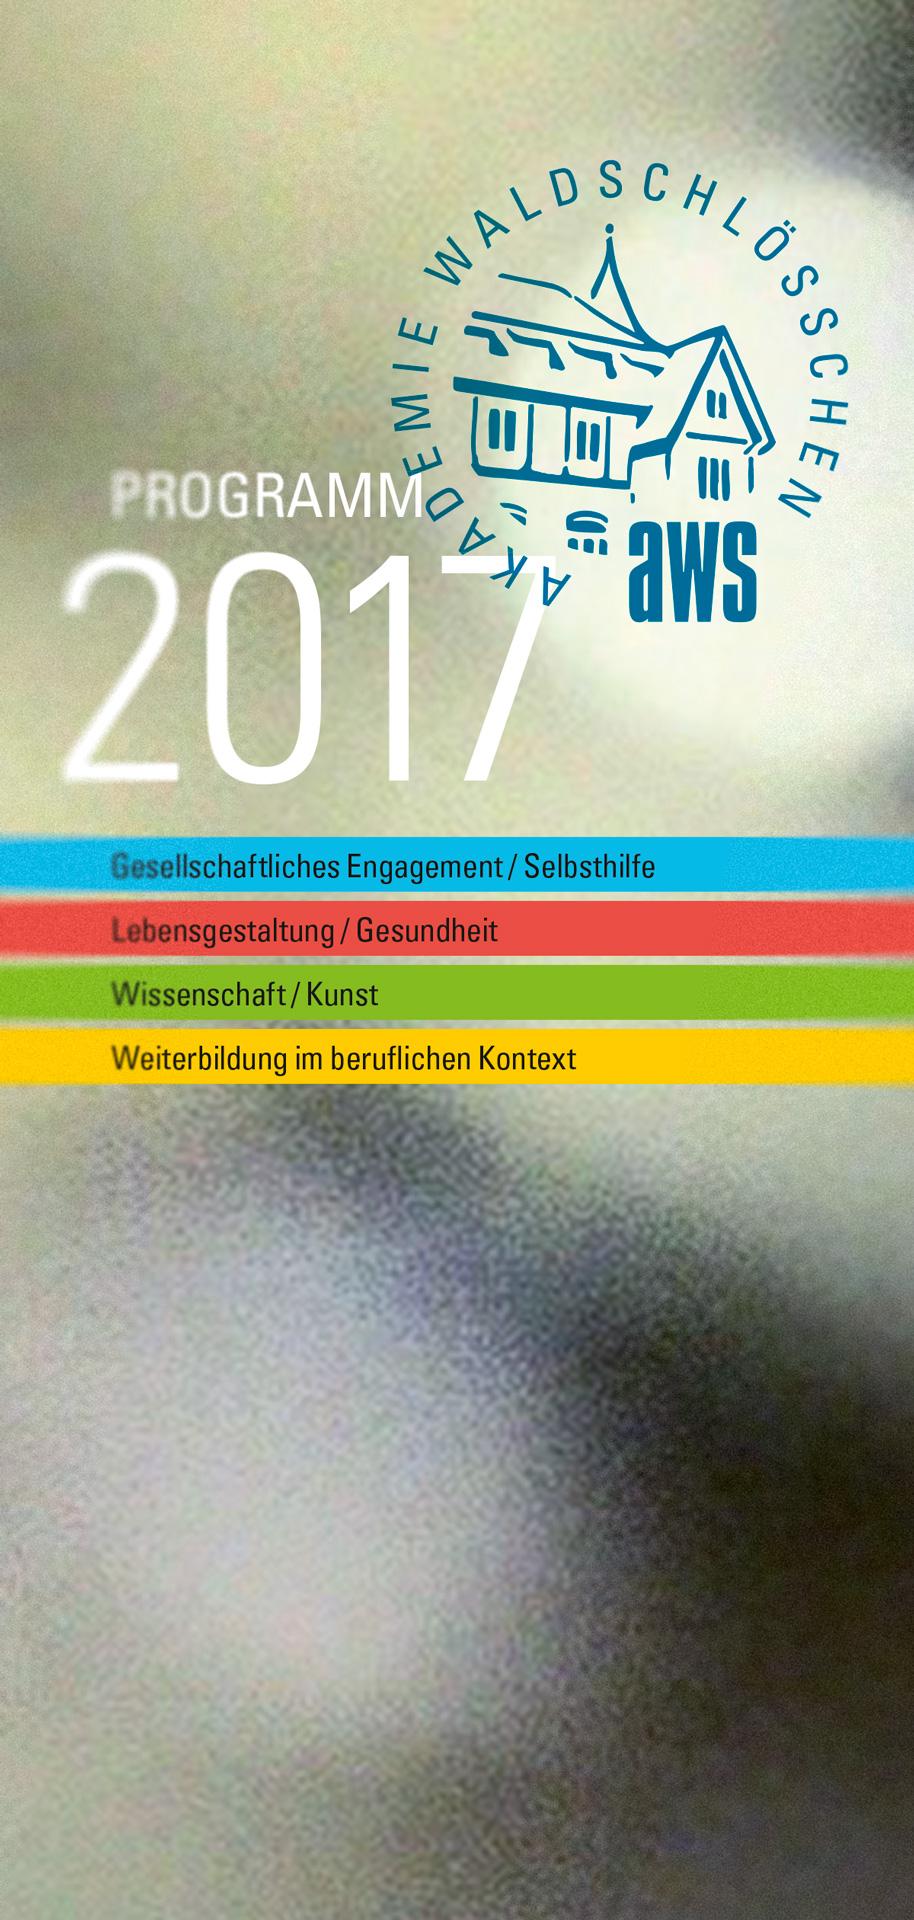 Jahresprogramm 2017 - Titel